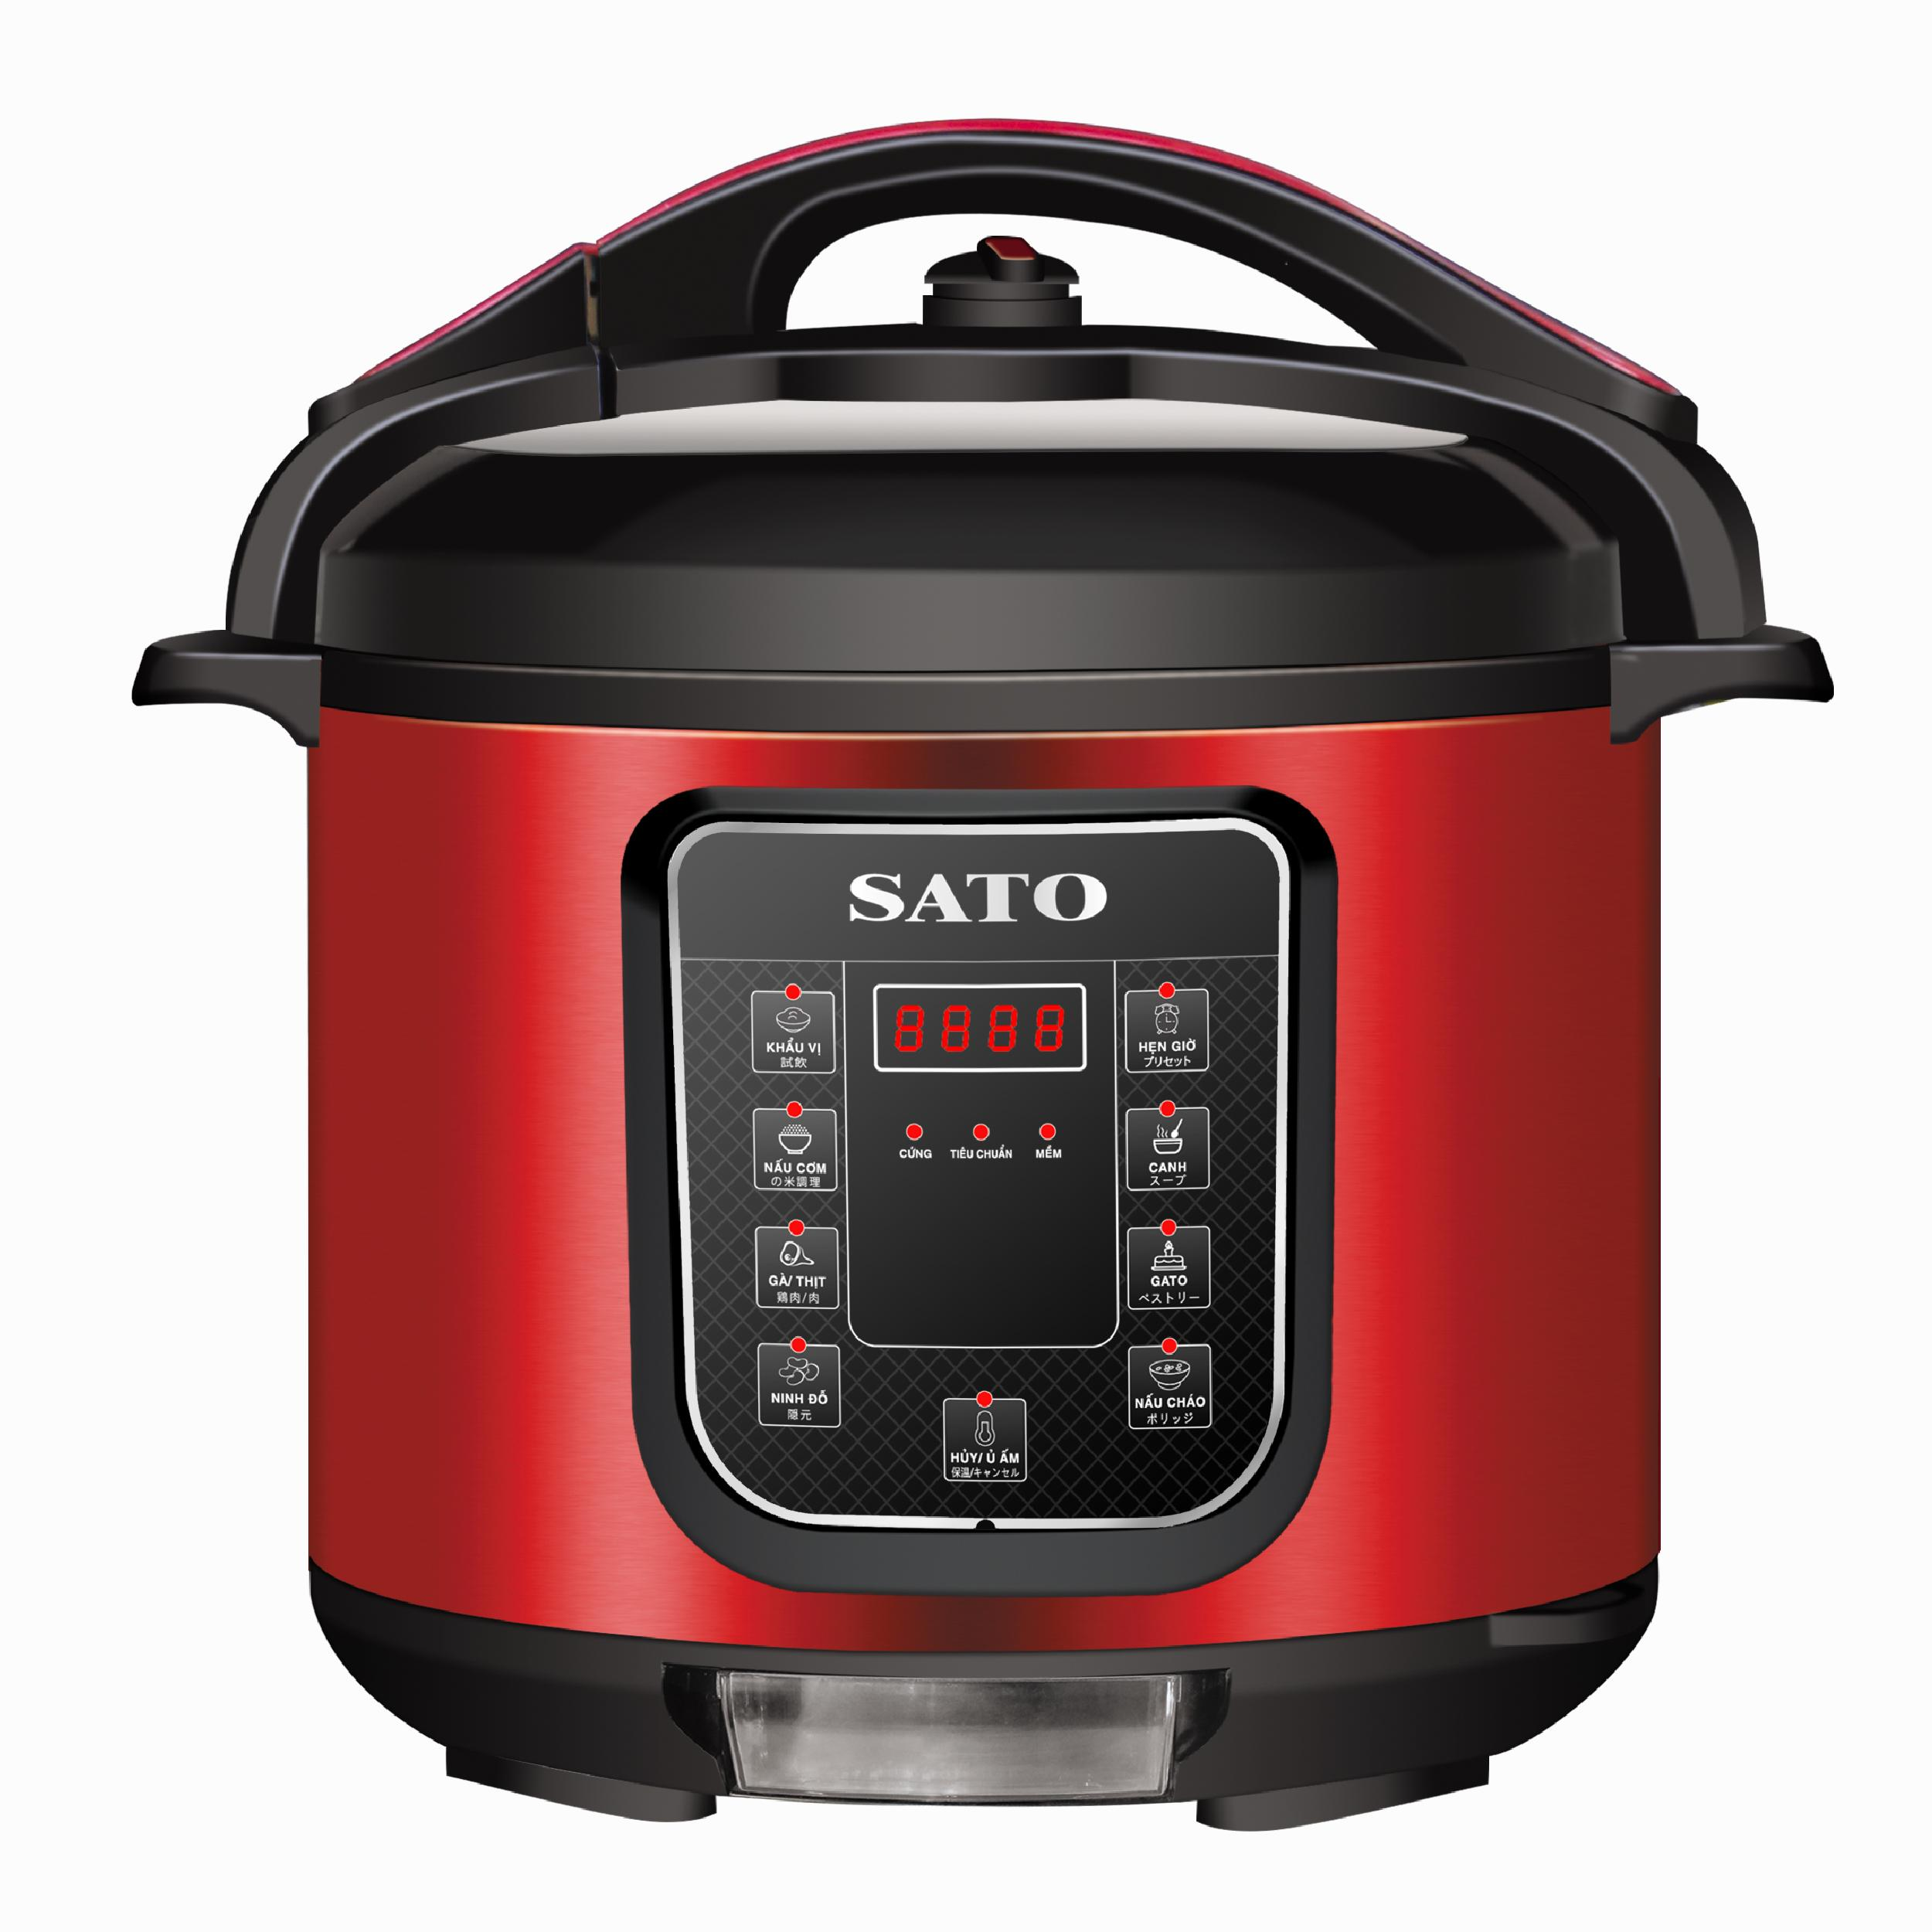 Nồi áp suất điện tử đa năng SATO ST-608PC(D) (Màu đỏ)